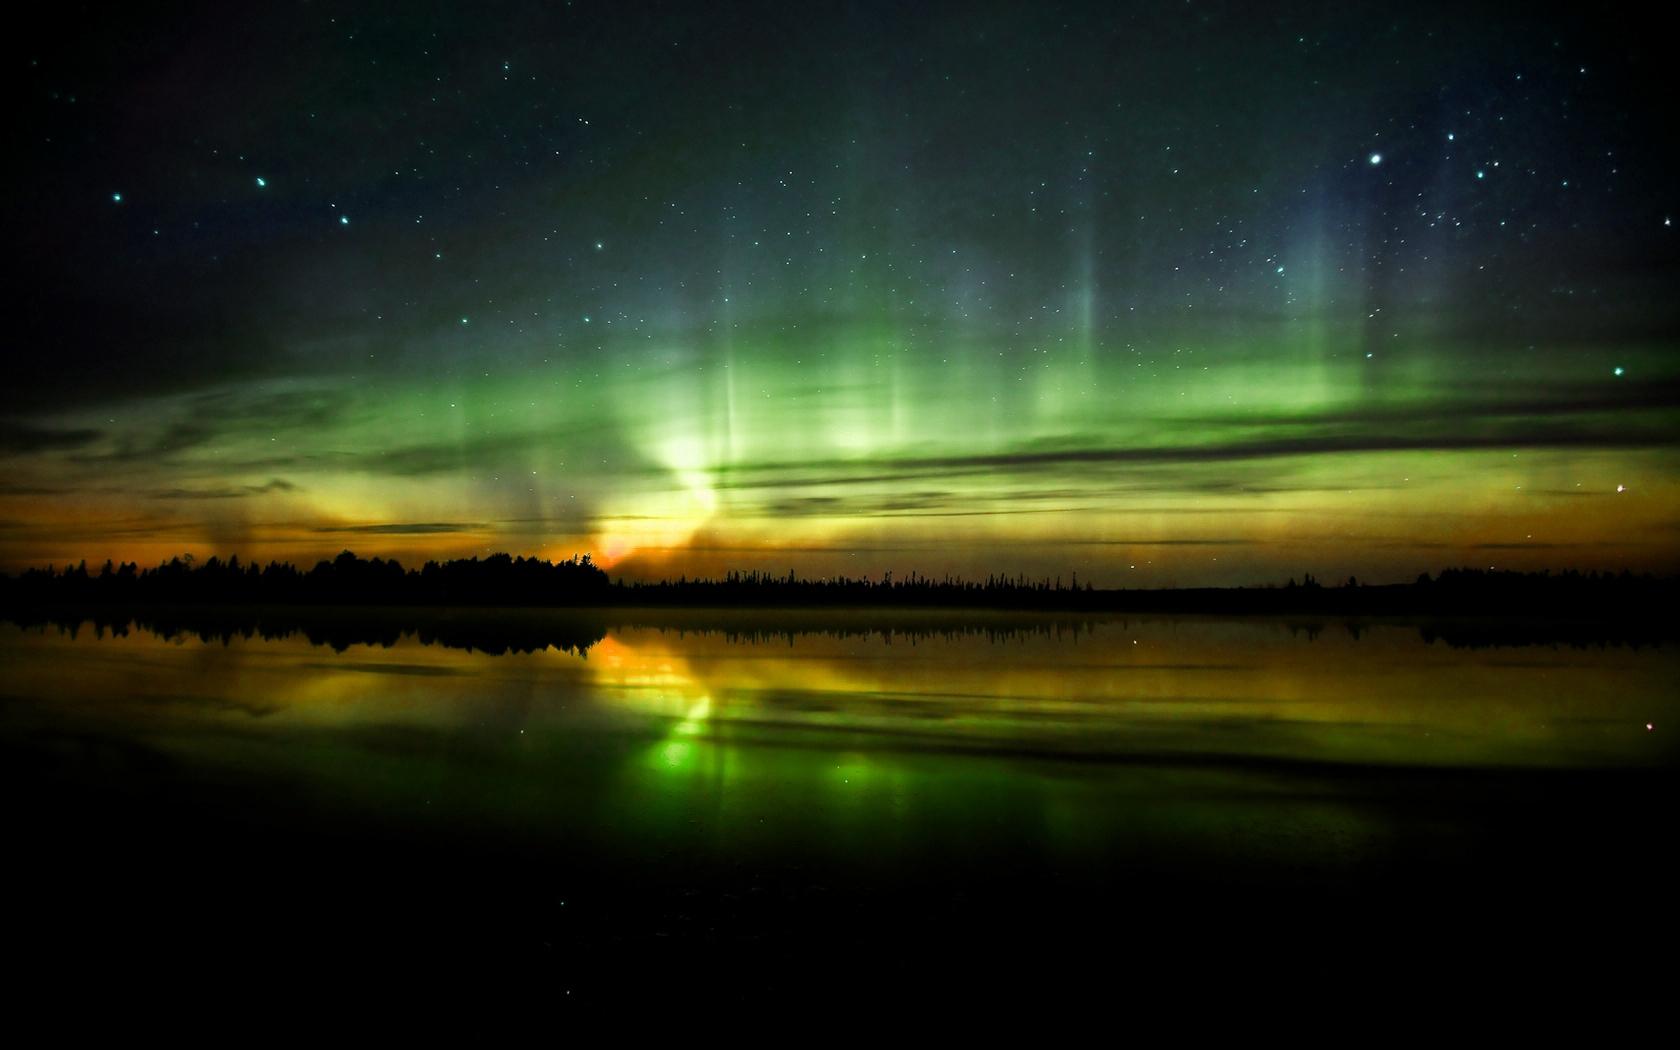 Aurora Borealis Wallpaper 1680x1050